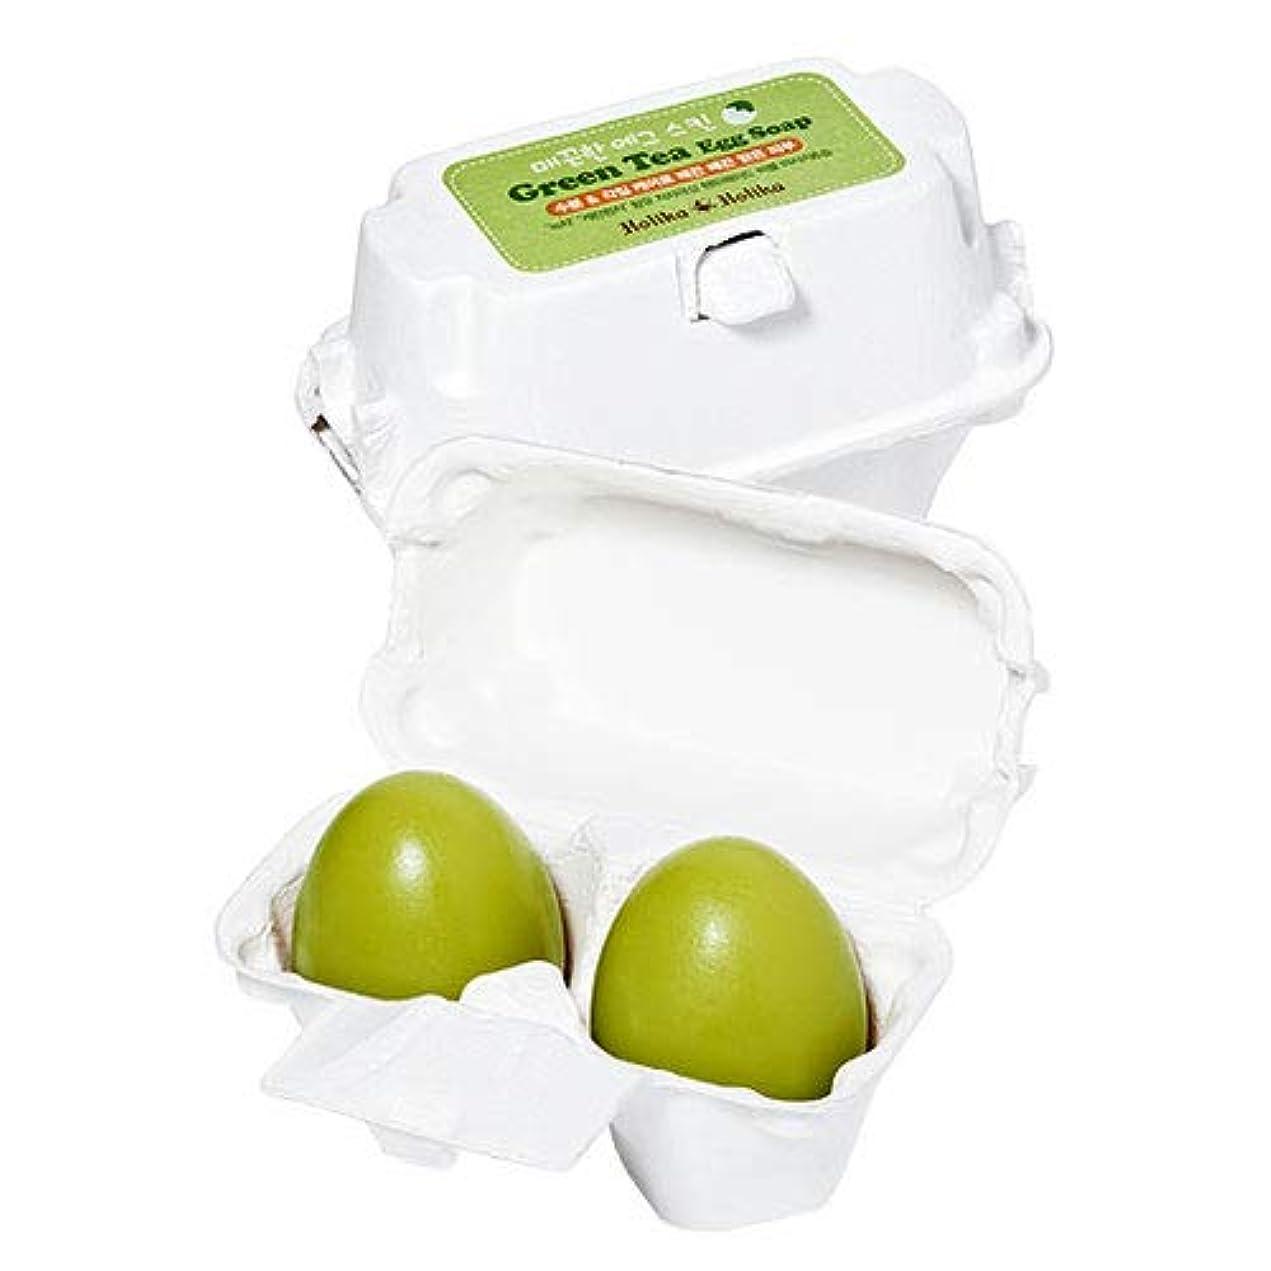 画像有益借りる[緑茶/Green Tea] Holika Holika Egg Skin Egg Soap ホリカホリカ エッグスキン エッグソープ (50g*2個) [並行輸入品]